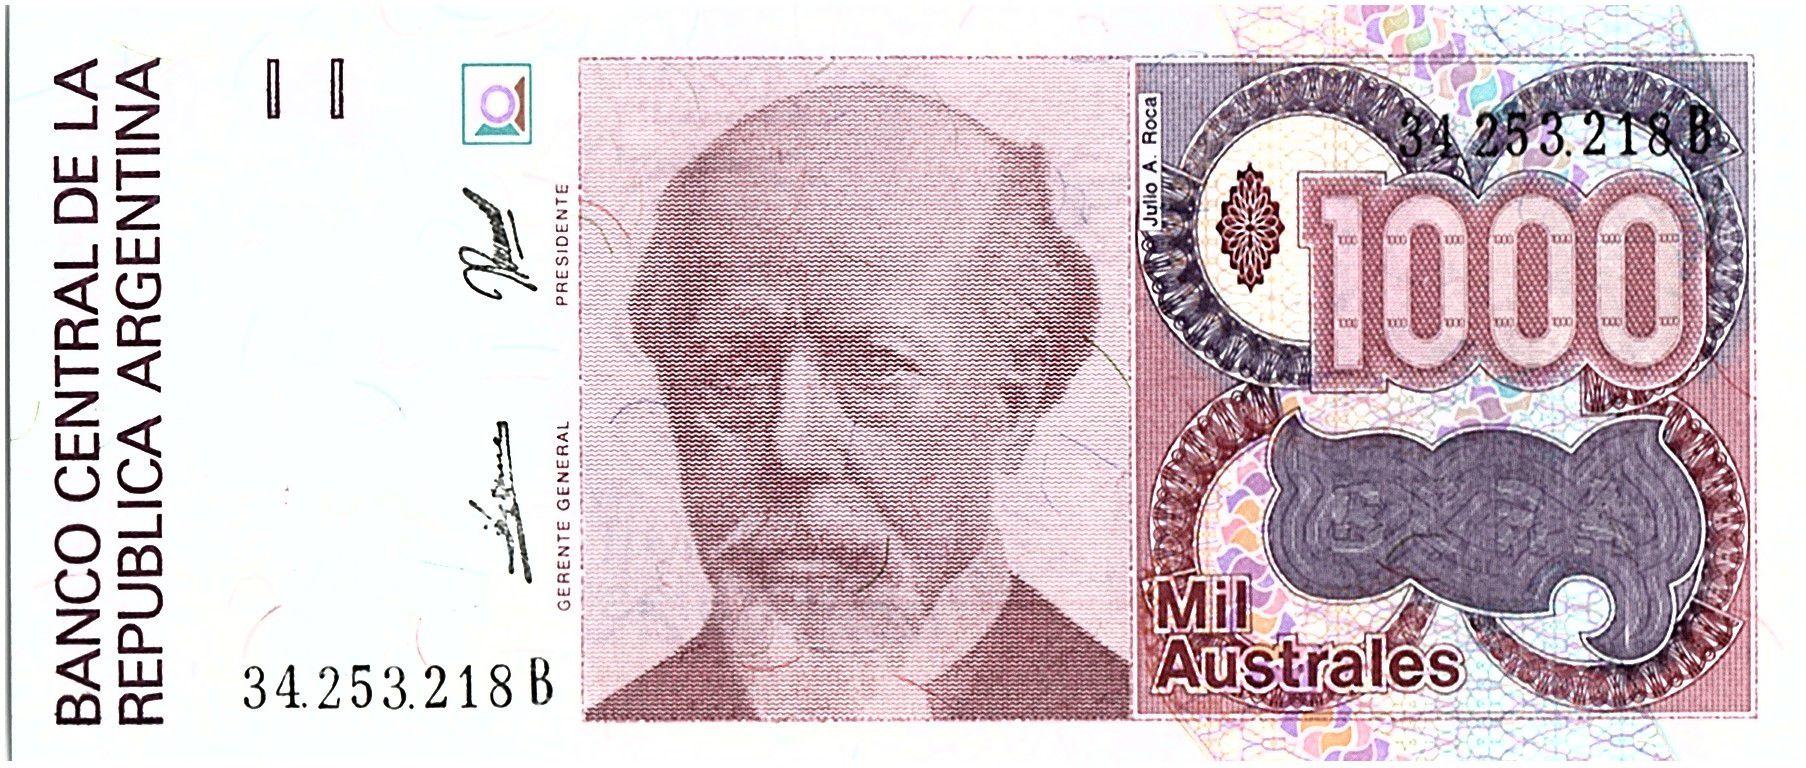 Argentine 1000 Austales, Julio A Roca - 1989